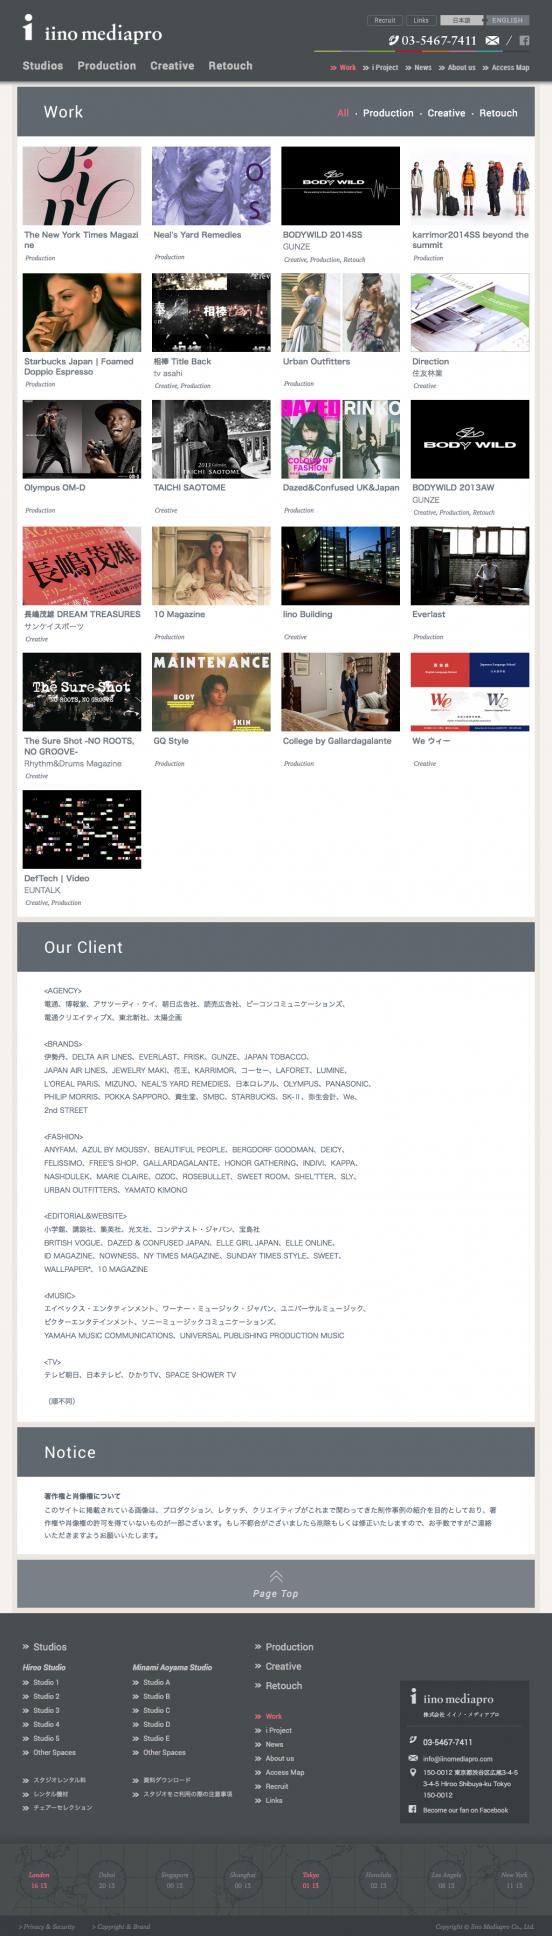 株式会社 イイノ・メディアプロ|Iino Mediapro Co., Ltd._1